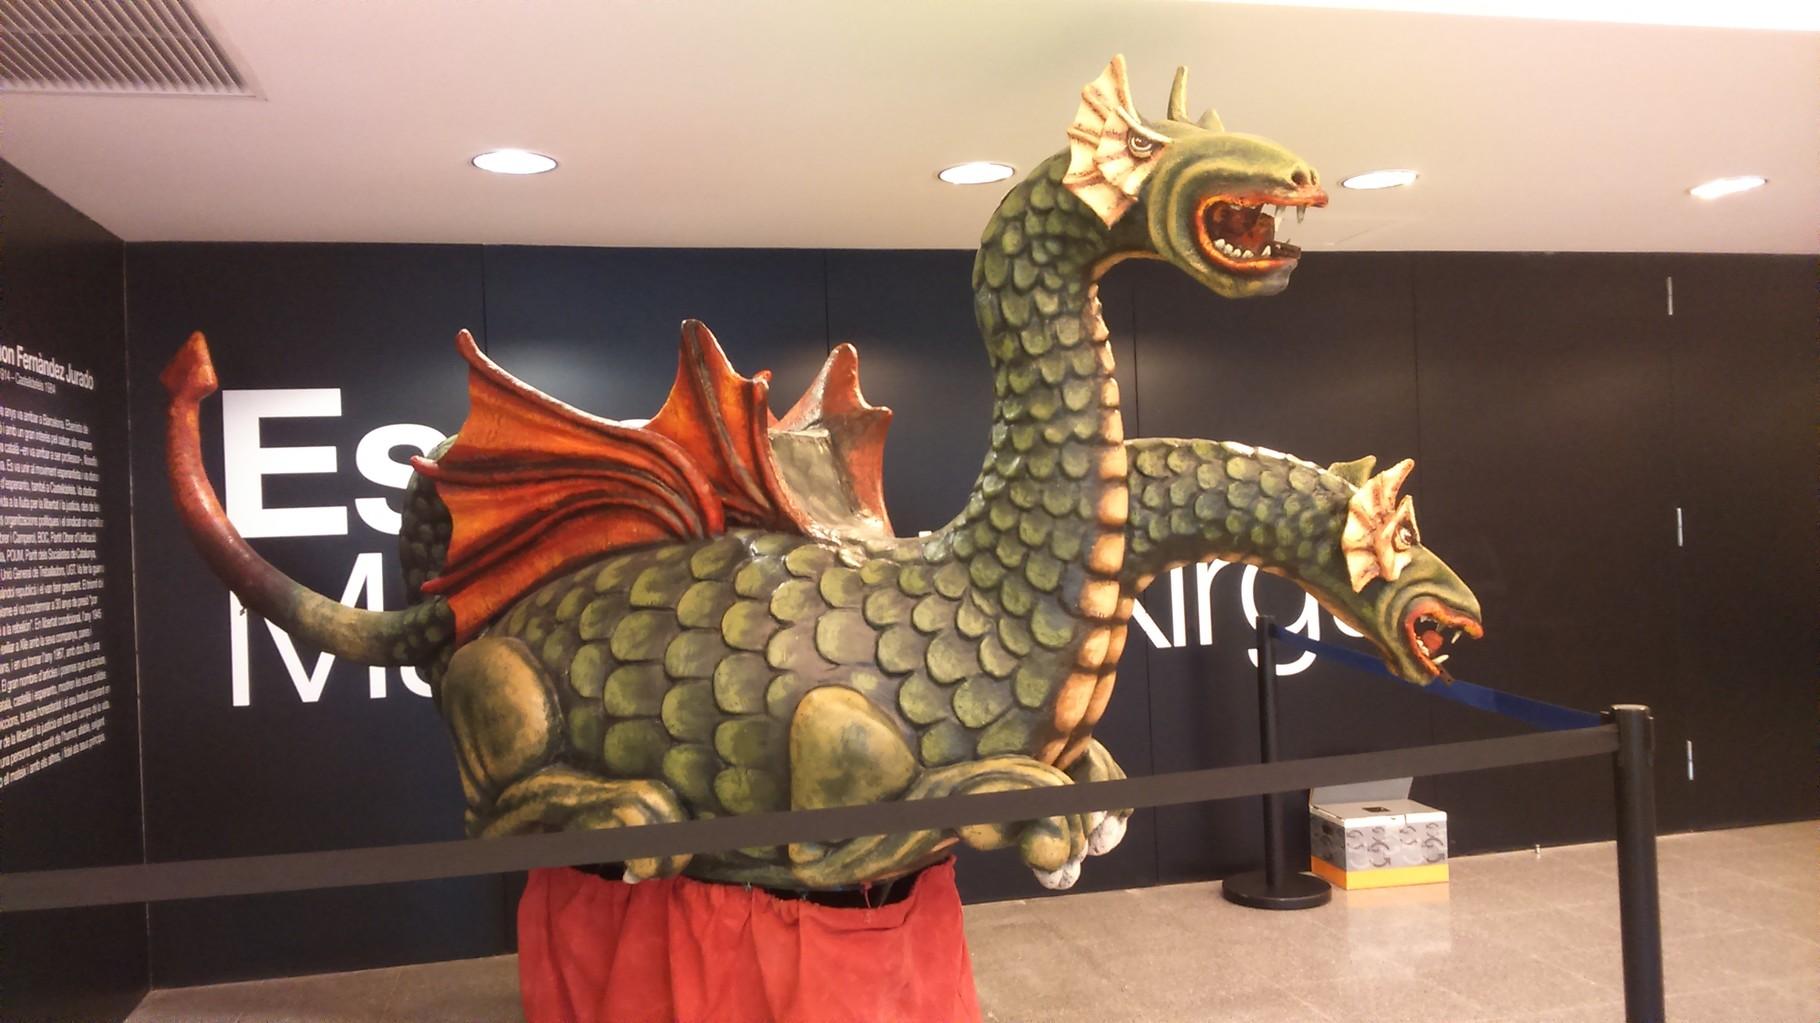 Drac de Sant Jordi al vestíbul de la Biblioteca